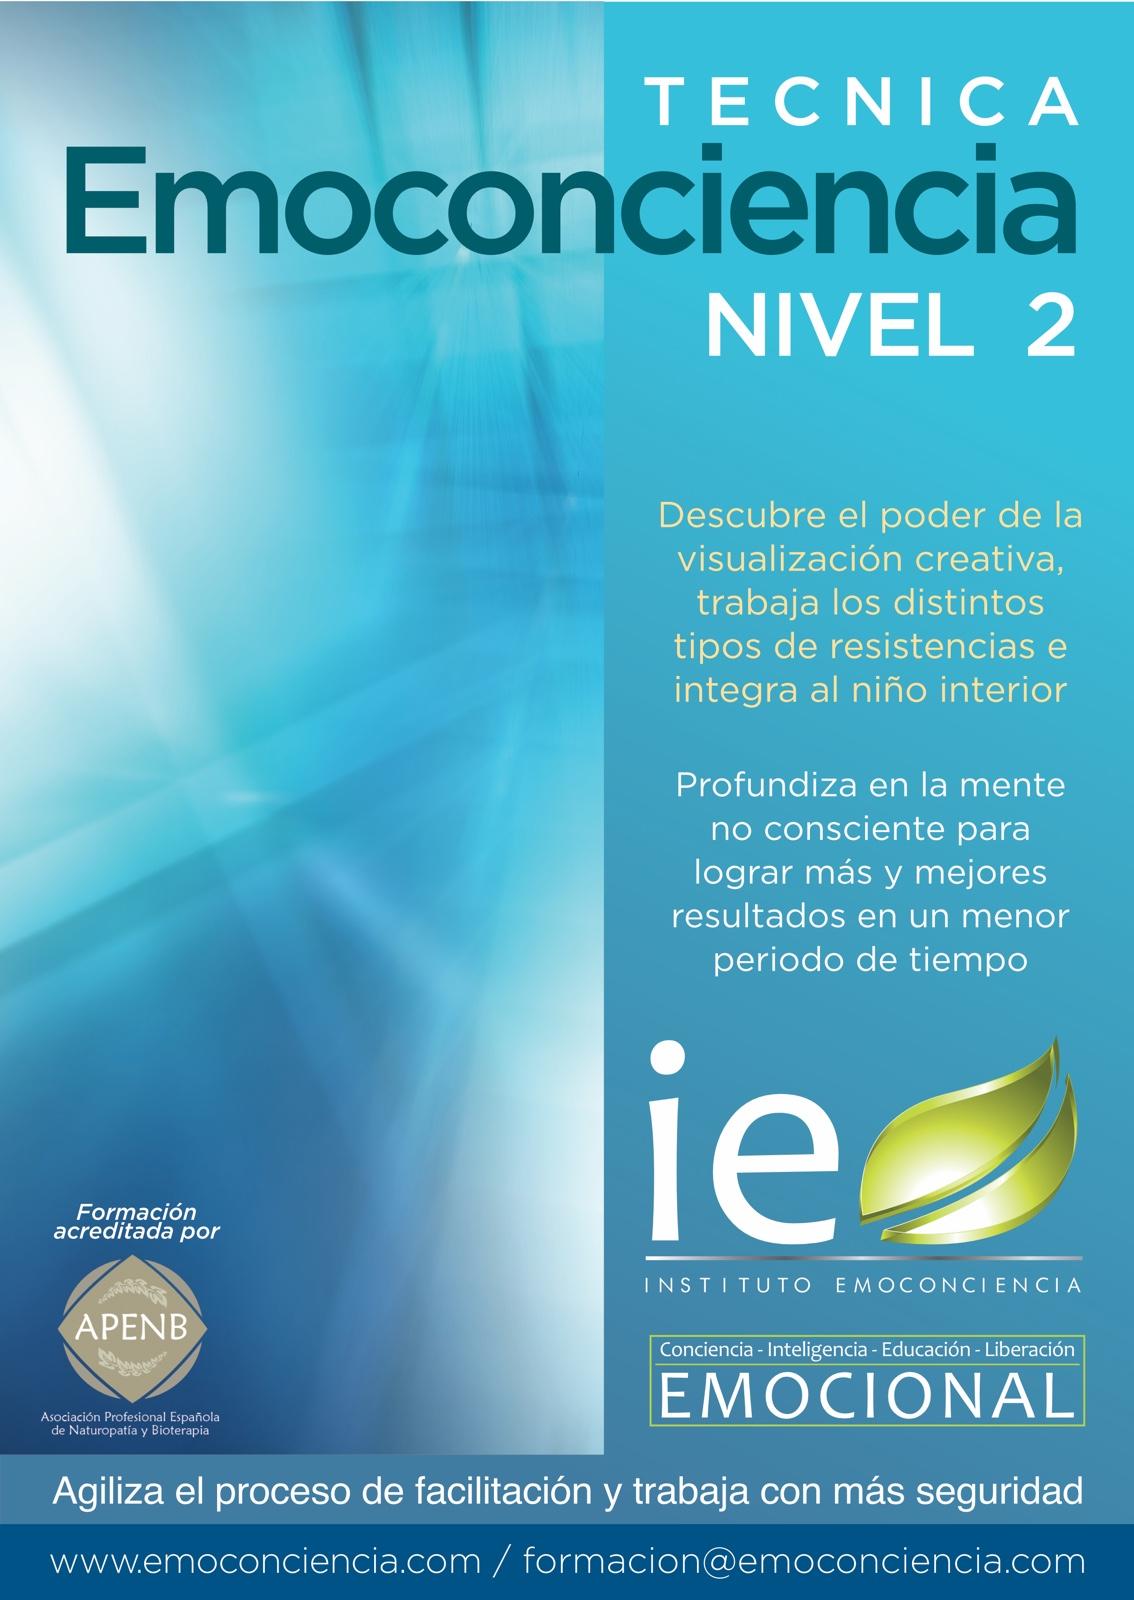 Cartel Técnica Emc 2 p - Técnica Emoconciencia - Nivel II